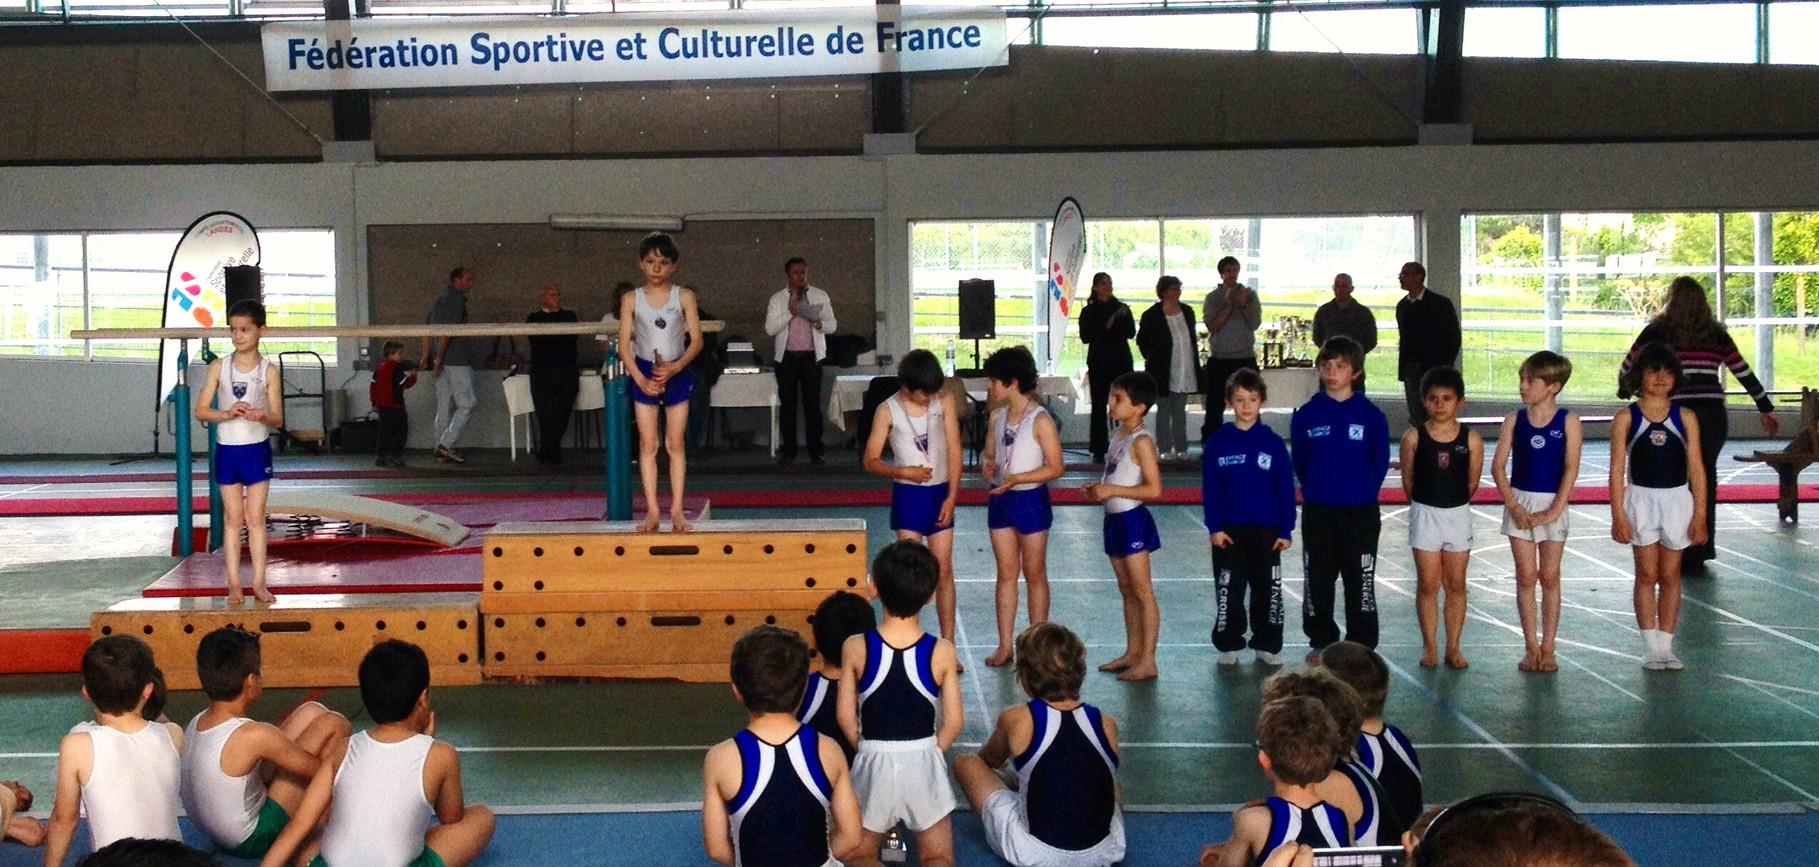 Podium Individuel jeunes Poussins: 1er Antonnin Ricochon, 2ème Evan Dulouat, 3ème Axel Rebelo